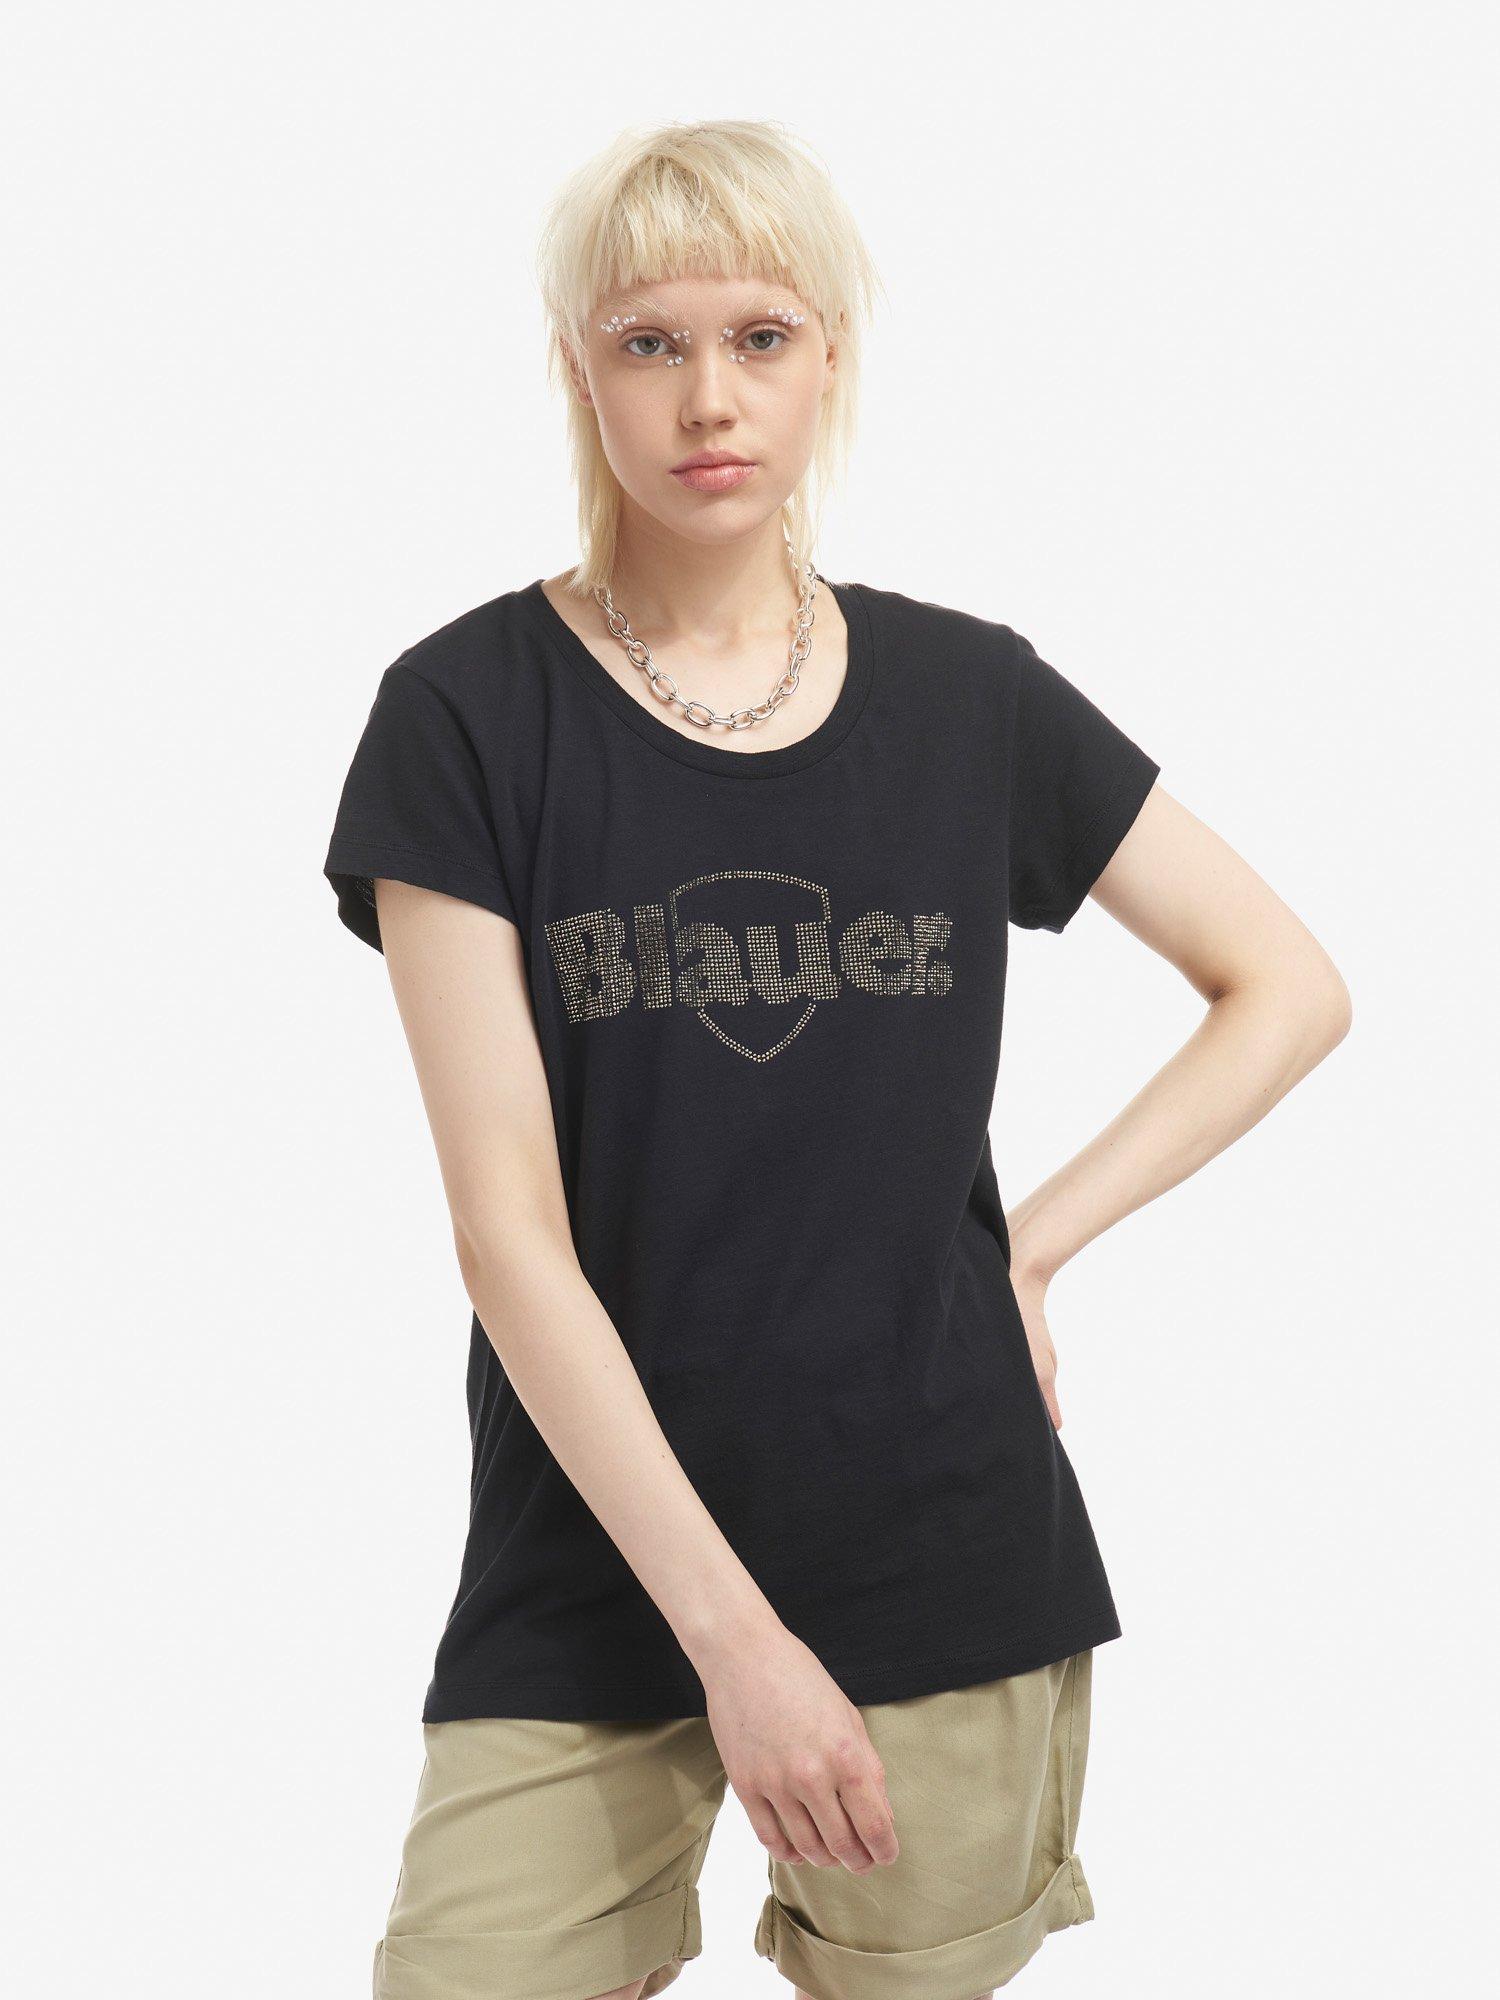 Blauer - CAMISETA BLAUER STRASS - Negro - Blauer